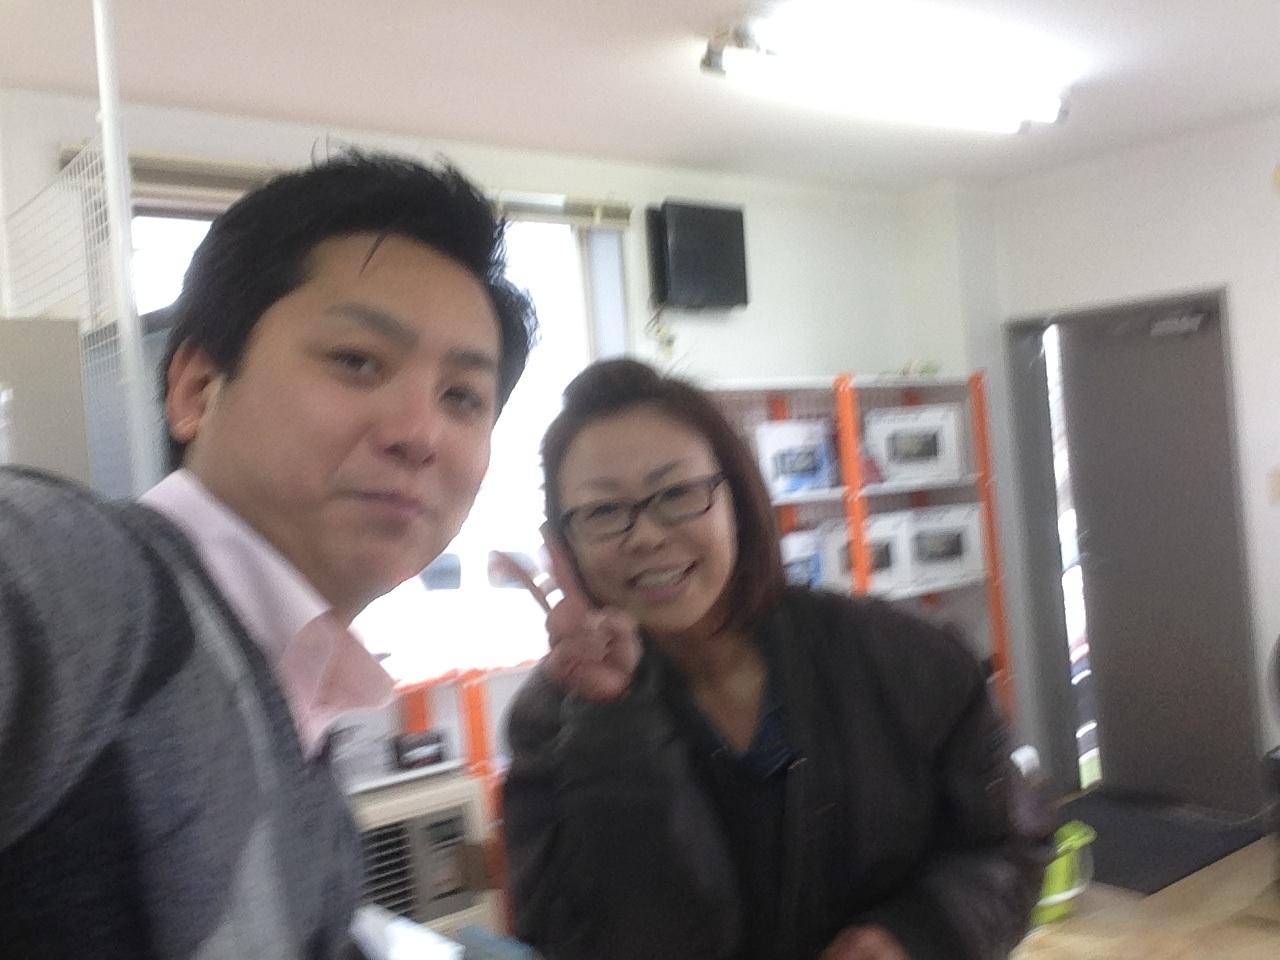 11月7日(金)トミーアウトレット☆グッチーブログ☆軽自動車・_b0127002_20211182.jpg